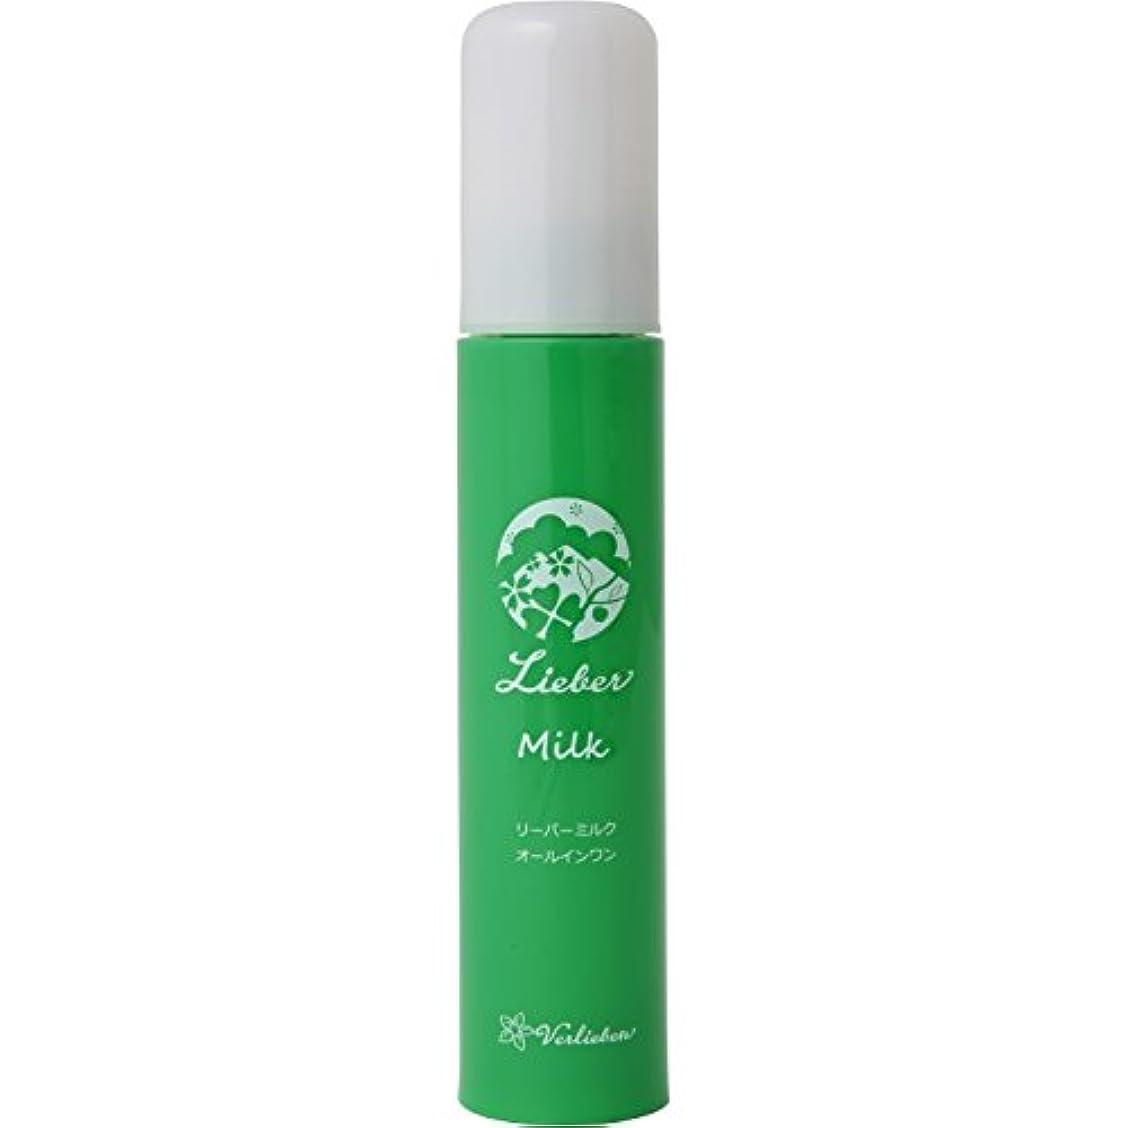 原始的なヒューム広告主リーバーミルク(Lieber Milk)プロテオグリカン、エラグ酸配合オールインワン